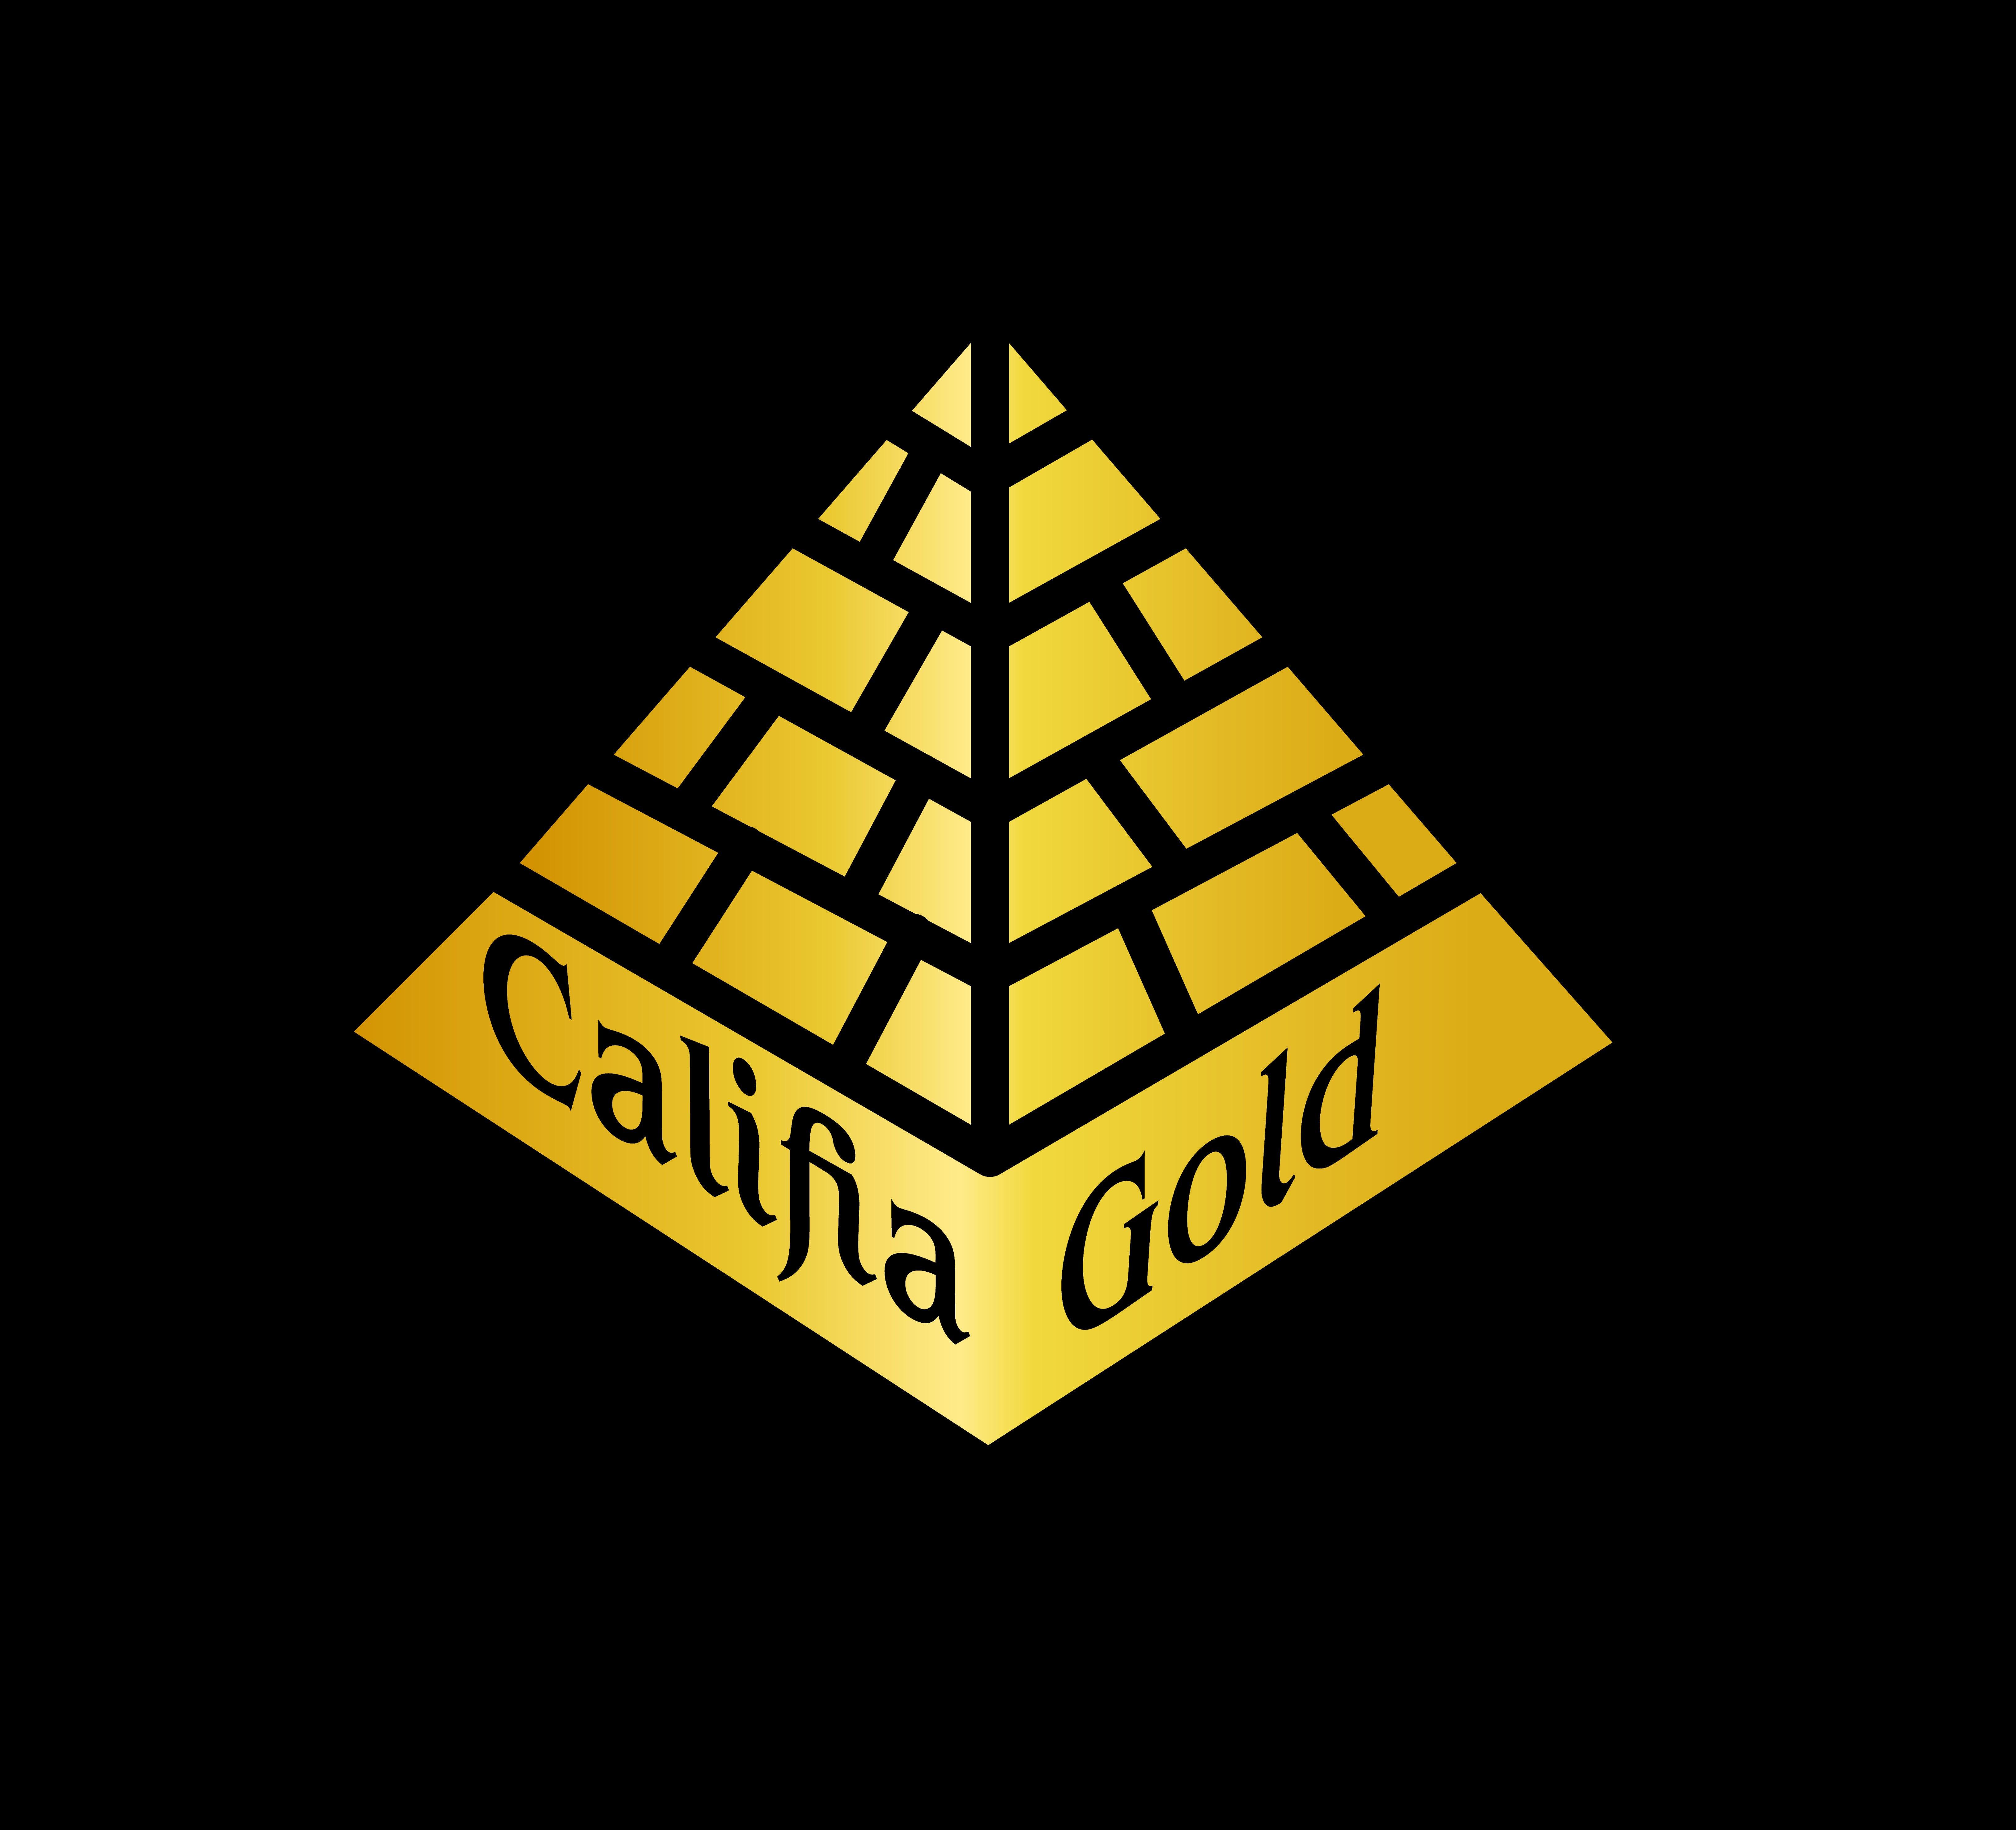 Califia Gold Club